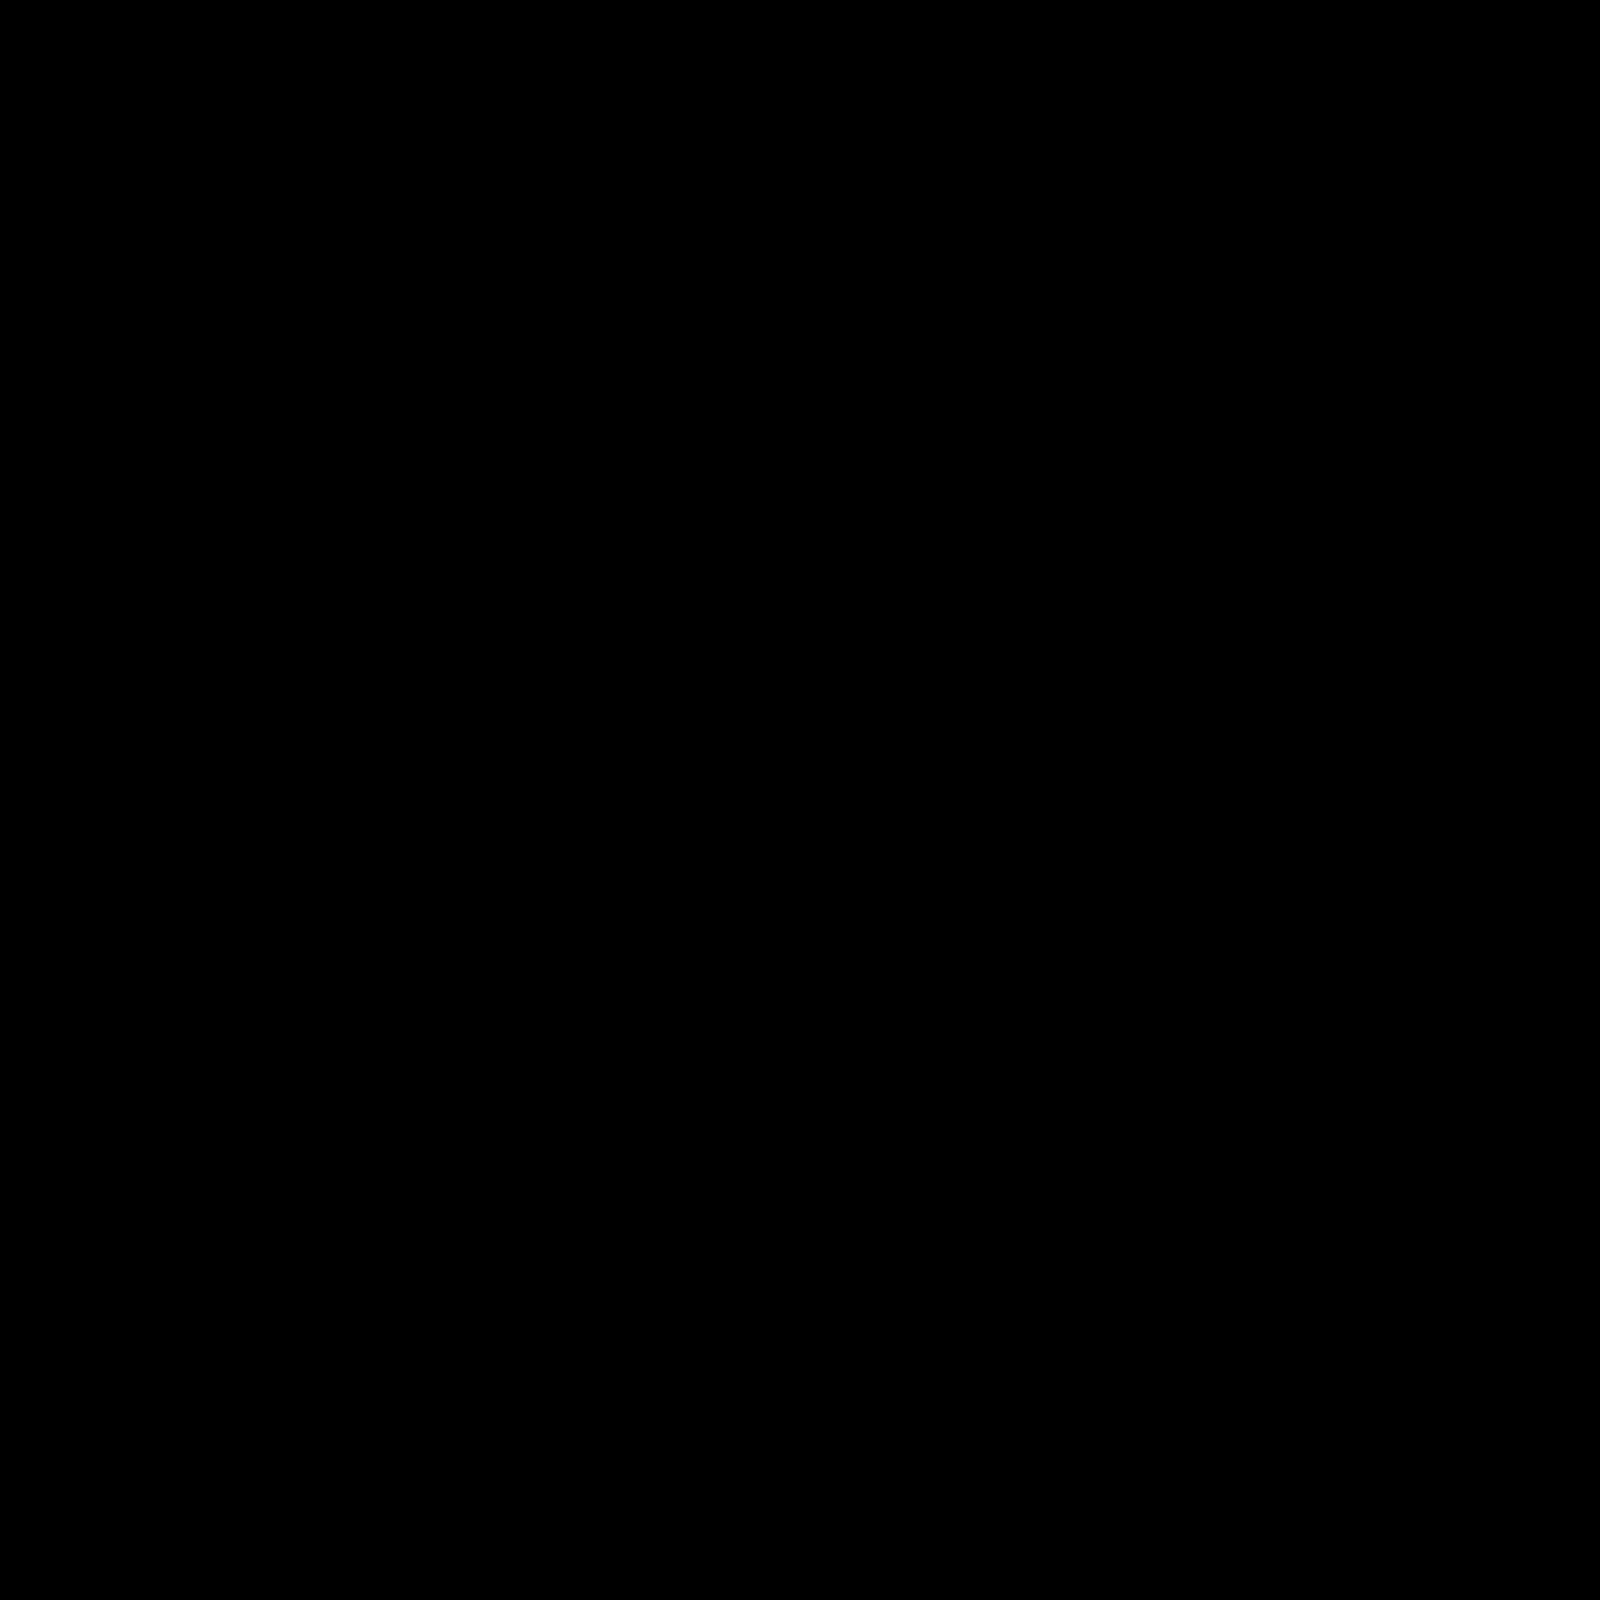 ausmalbilder mandala tiere schwer